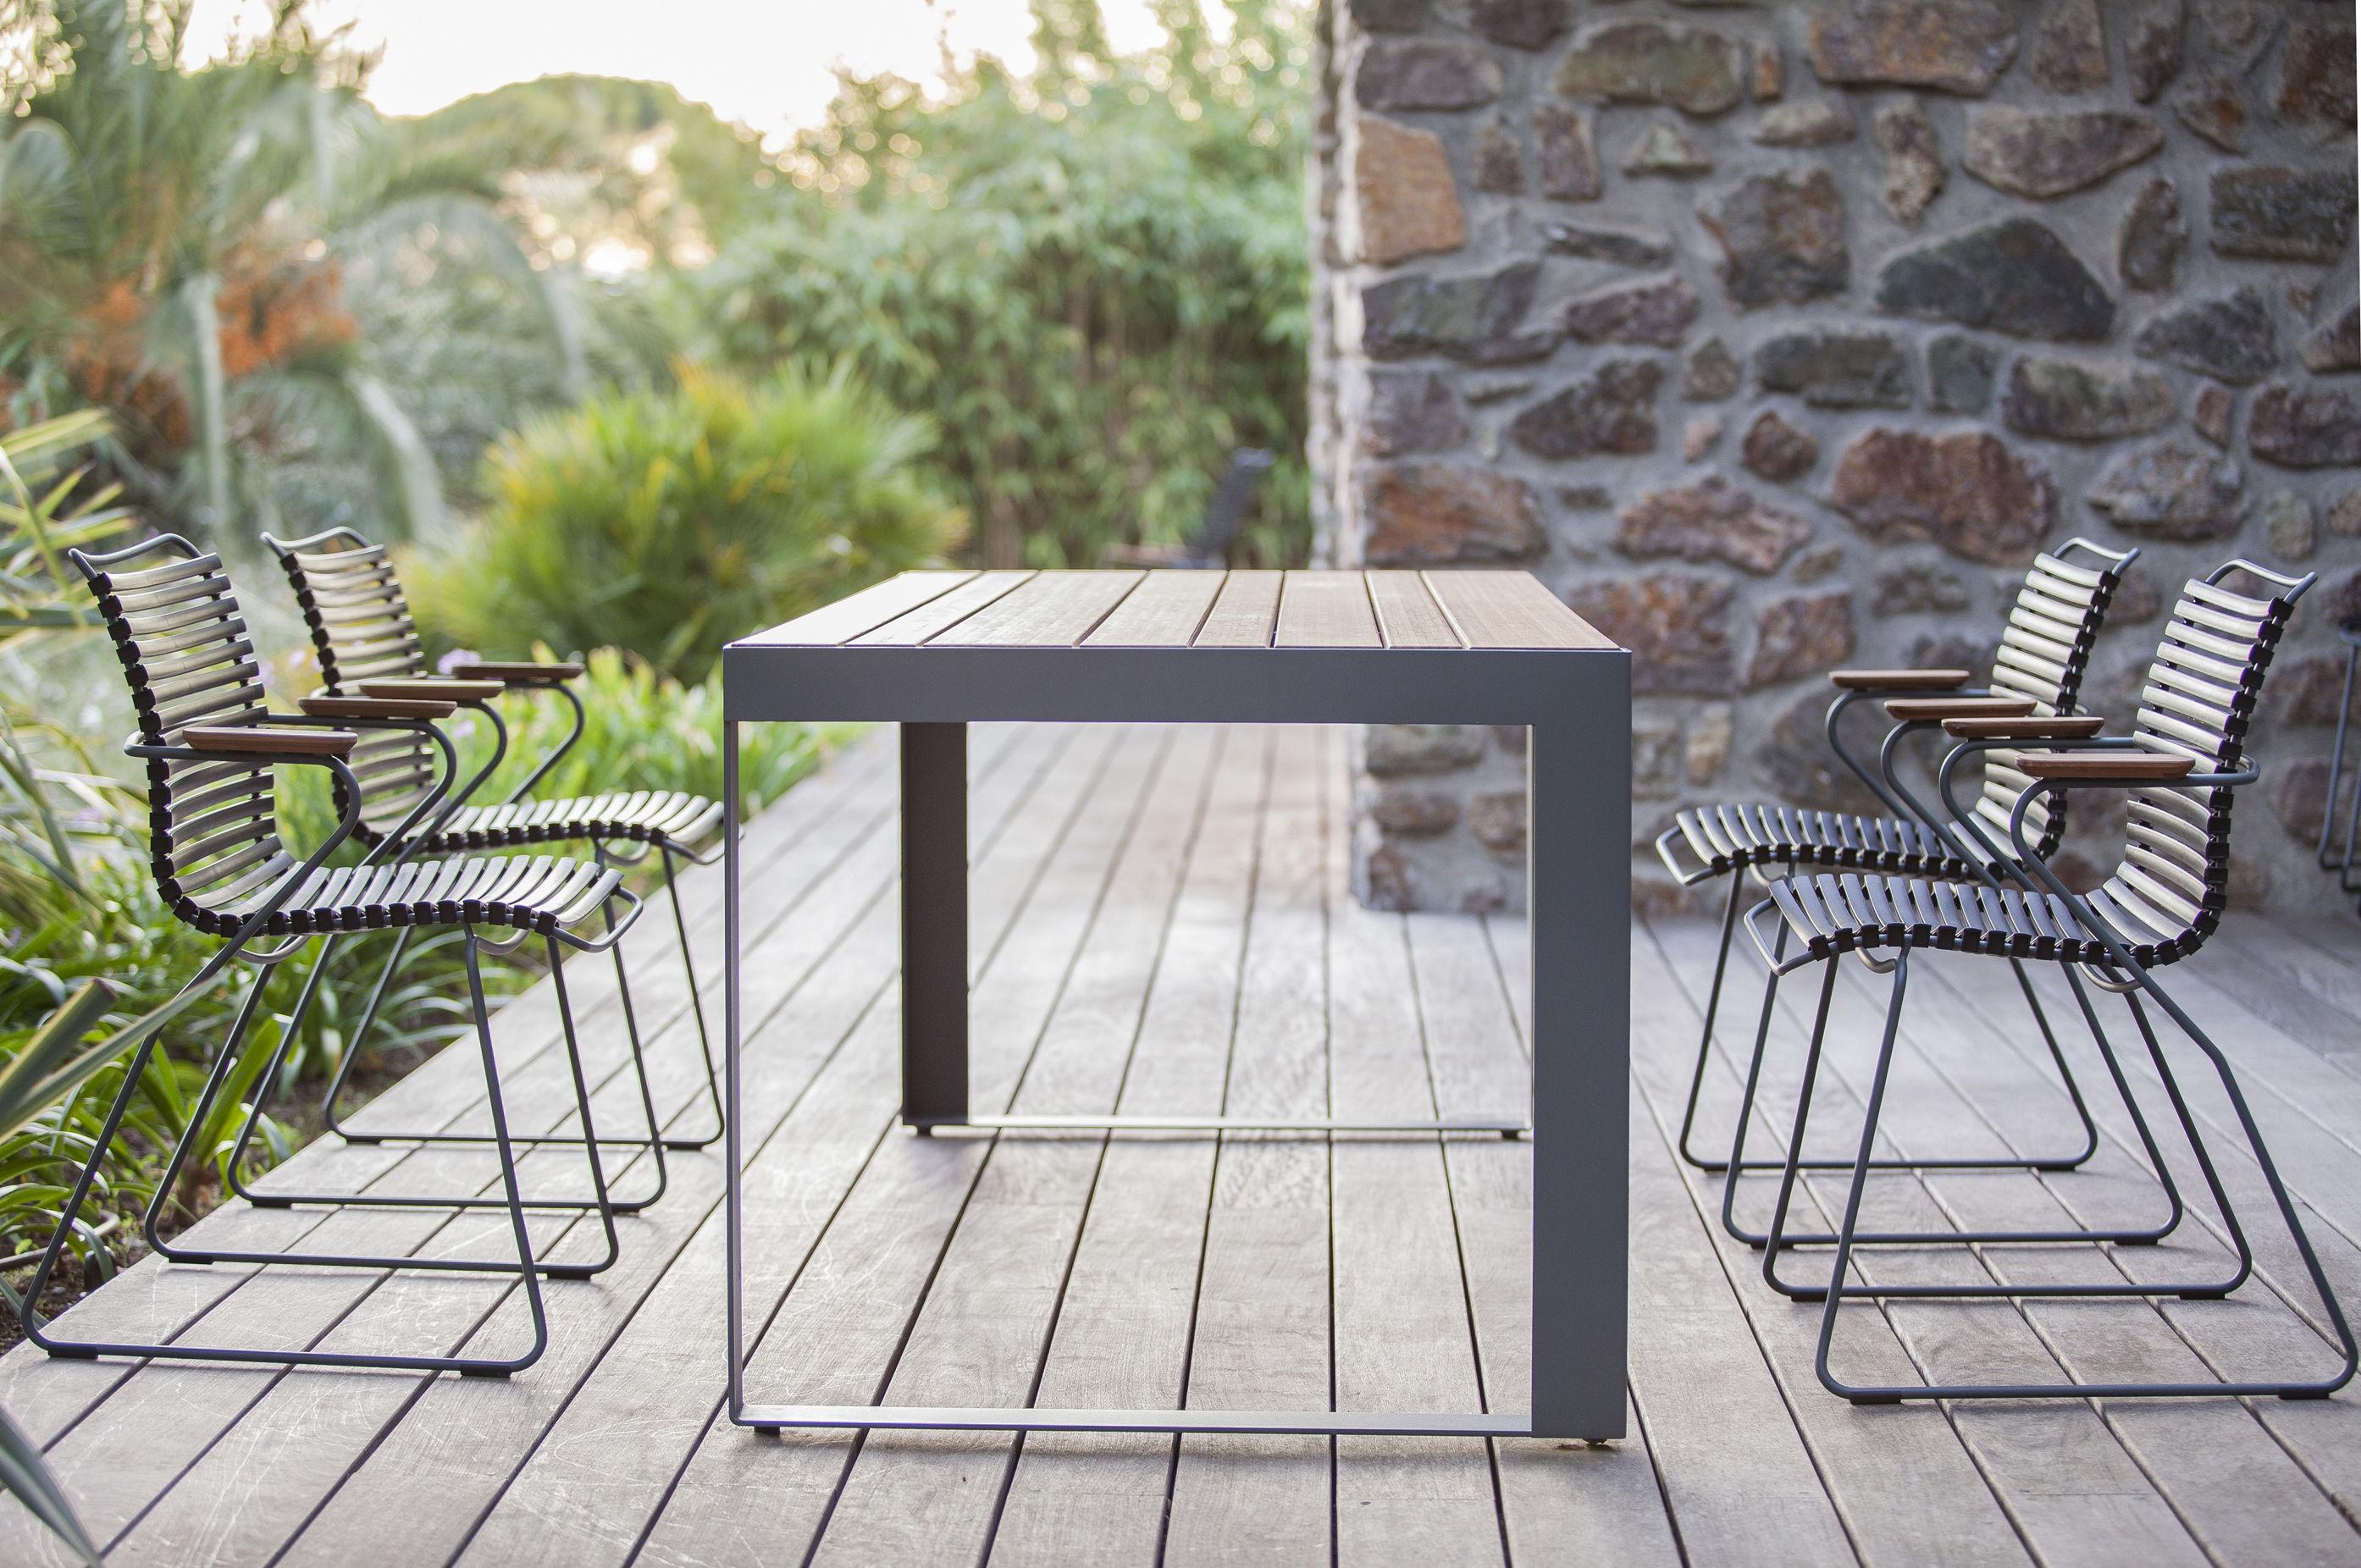 Sparewood tavolo da giardino bamb 200 x 88 cm bamb for Bambu giardino